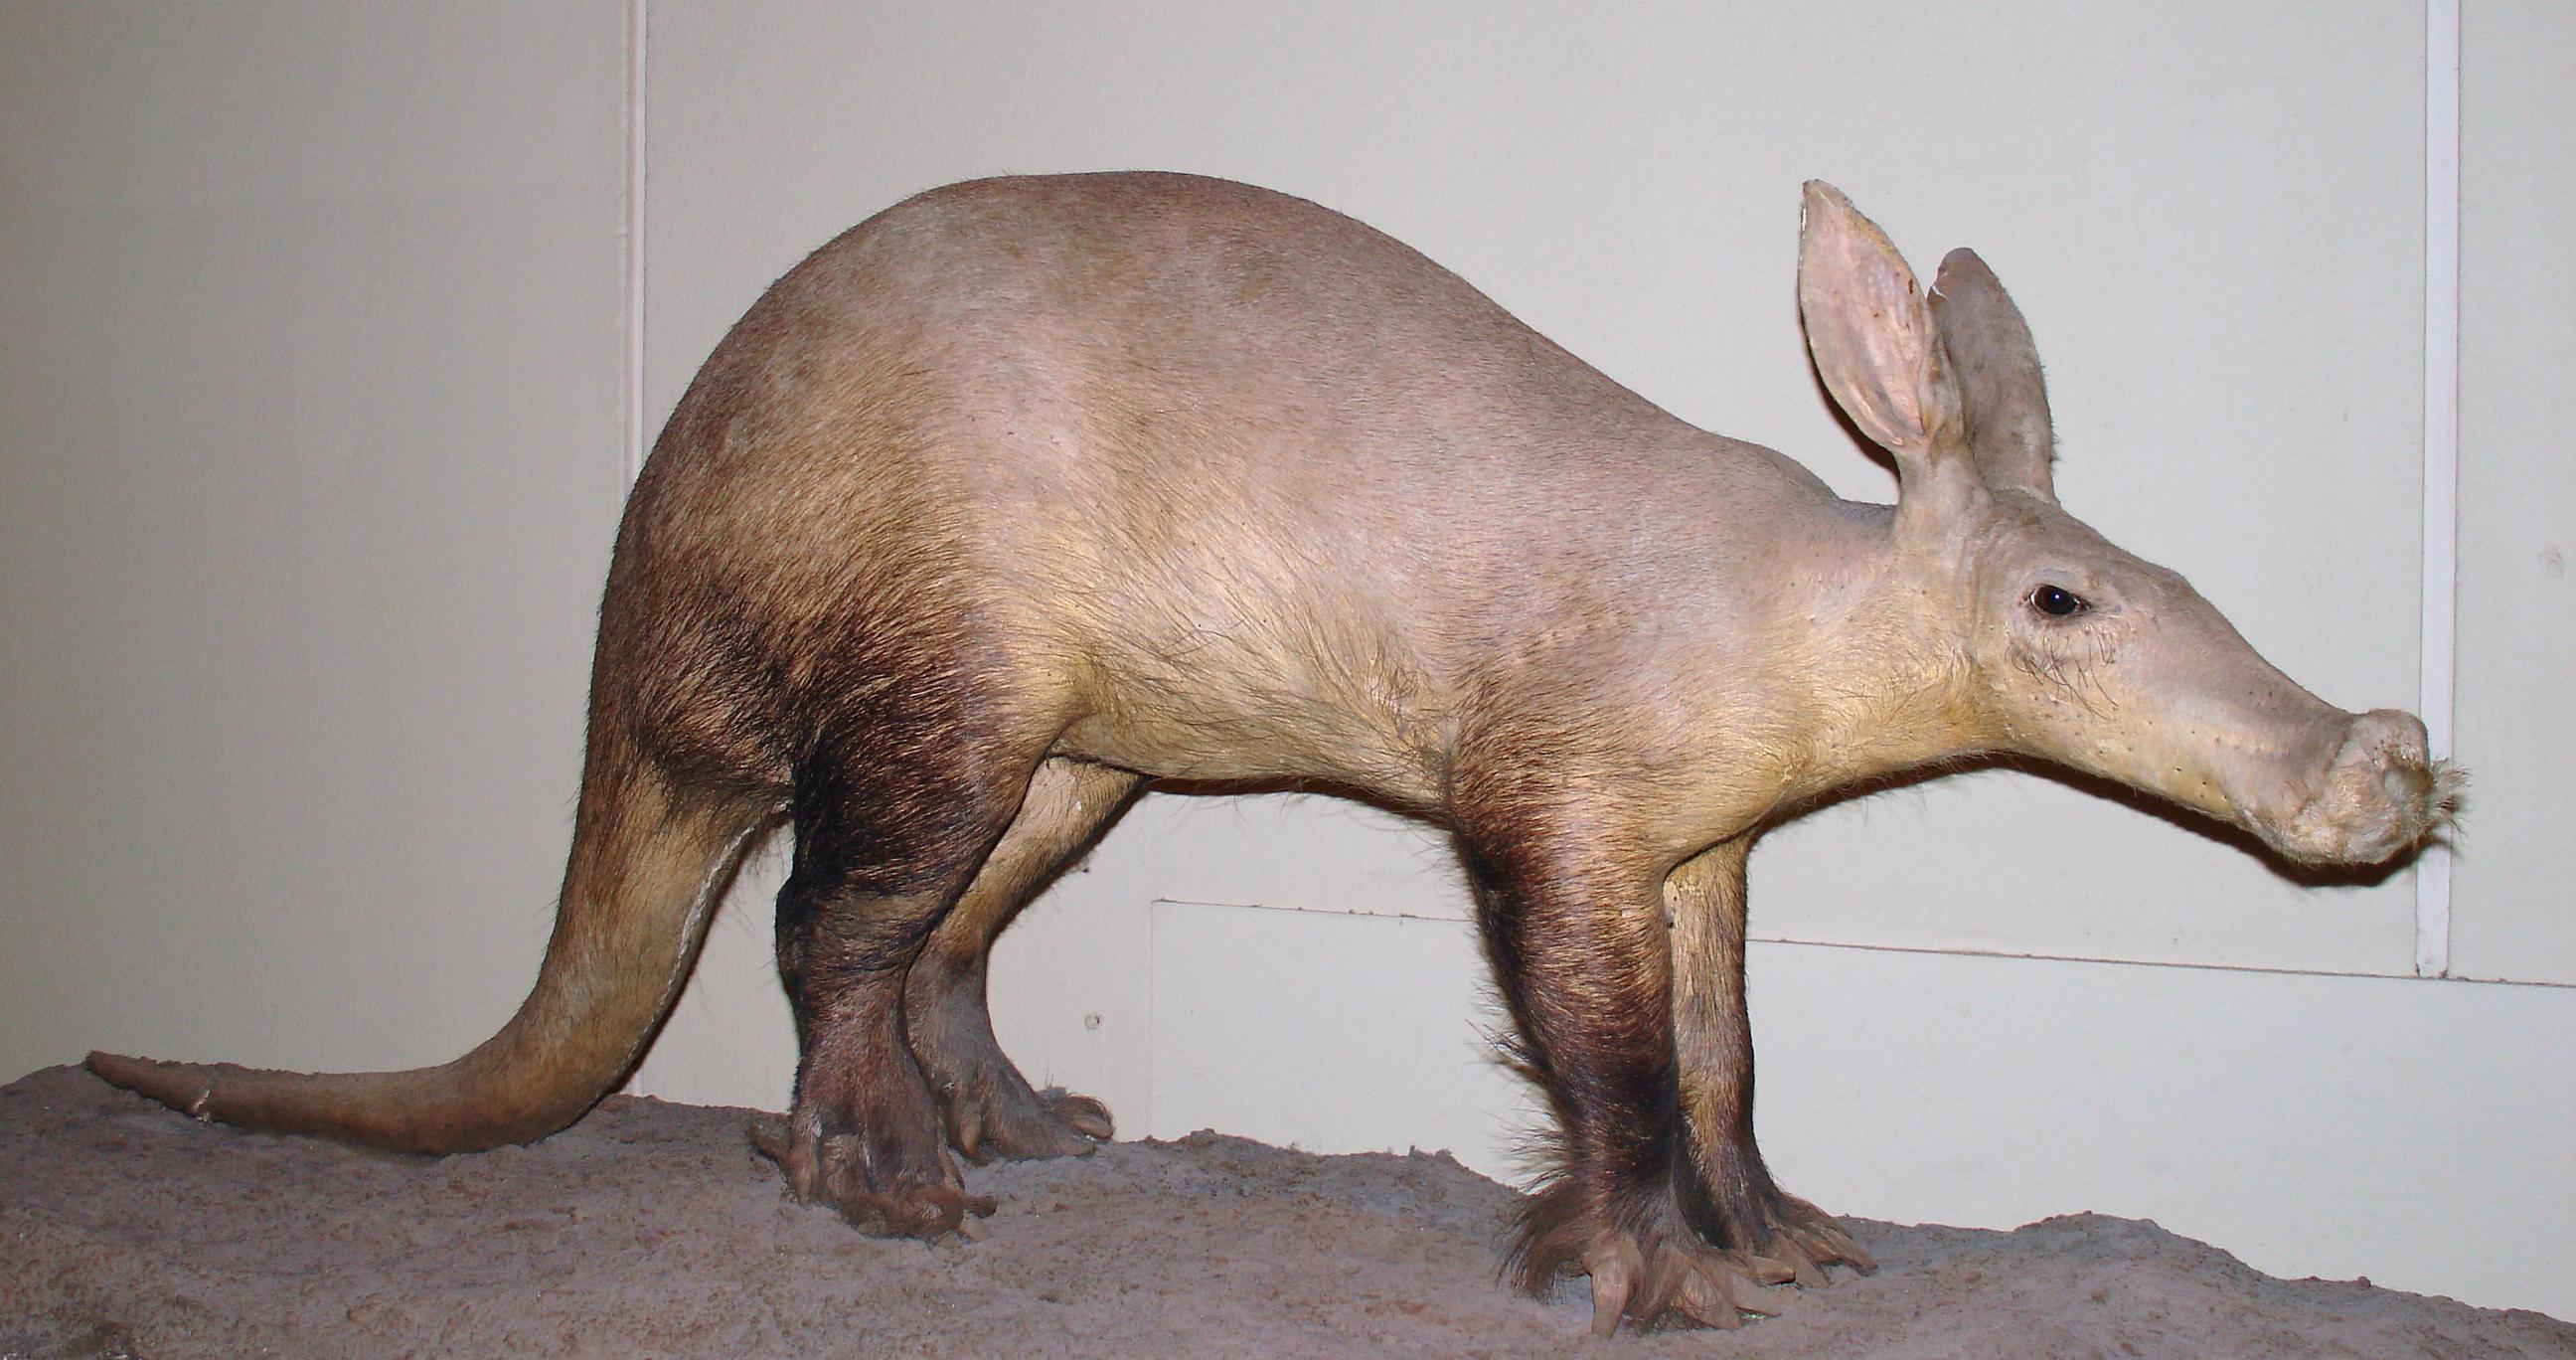 los cerdos comen de noche